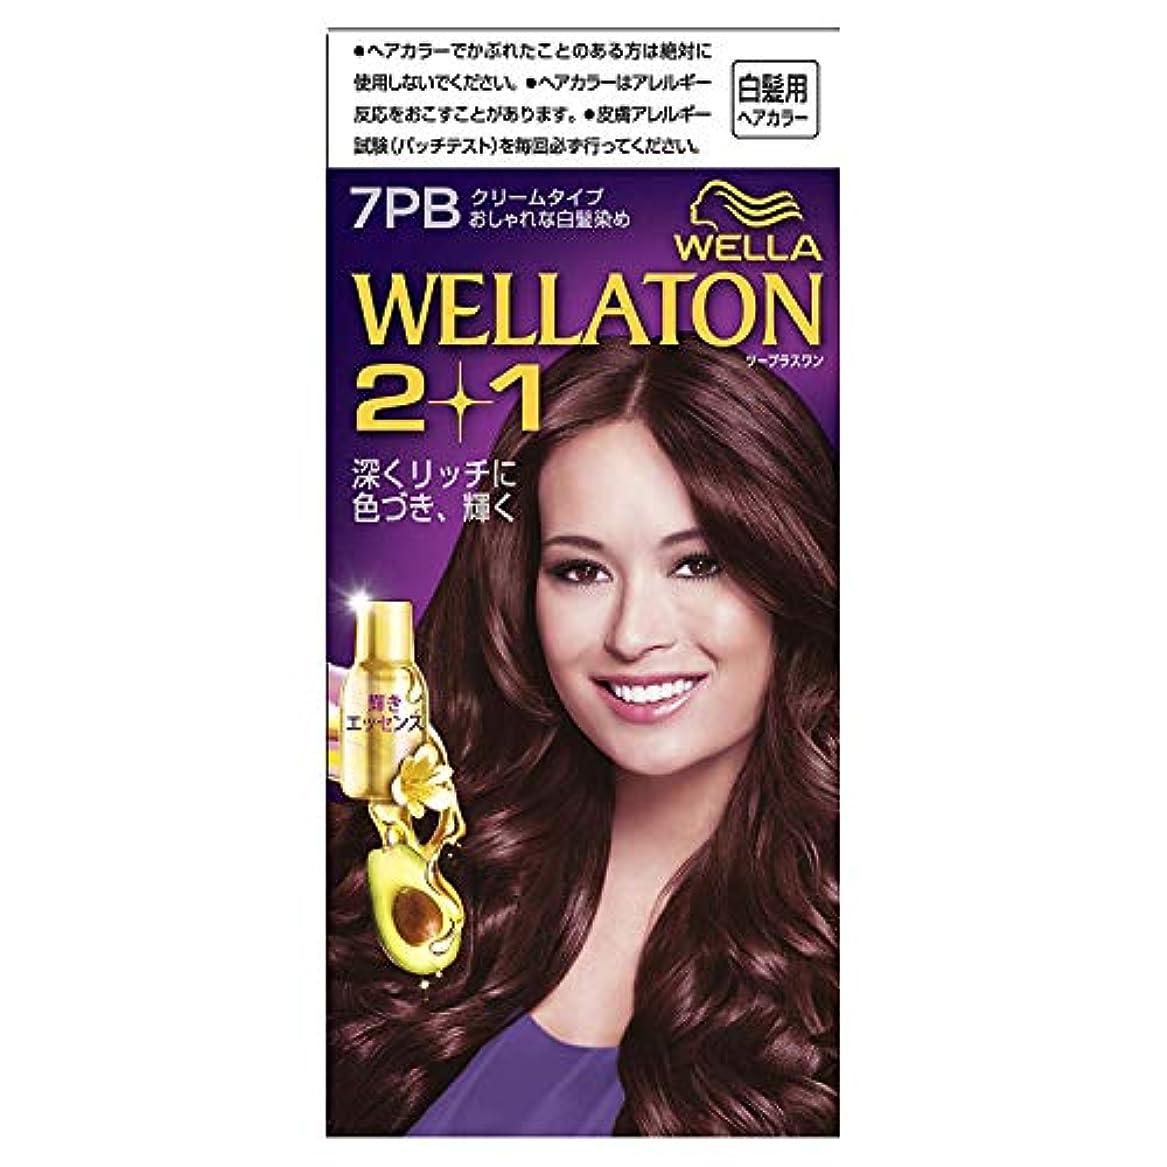 斧セクタ廊下ウエラトーン2+1 白髪染め クリームタイプ 7PB [医薬部外品] ×3個